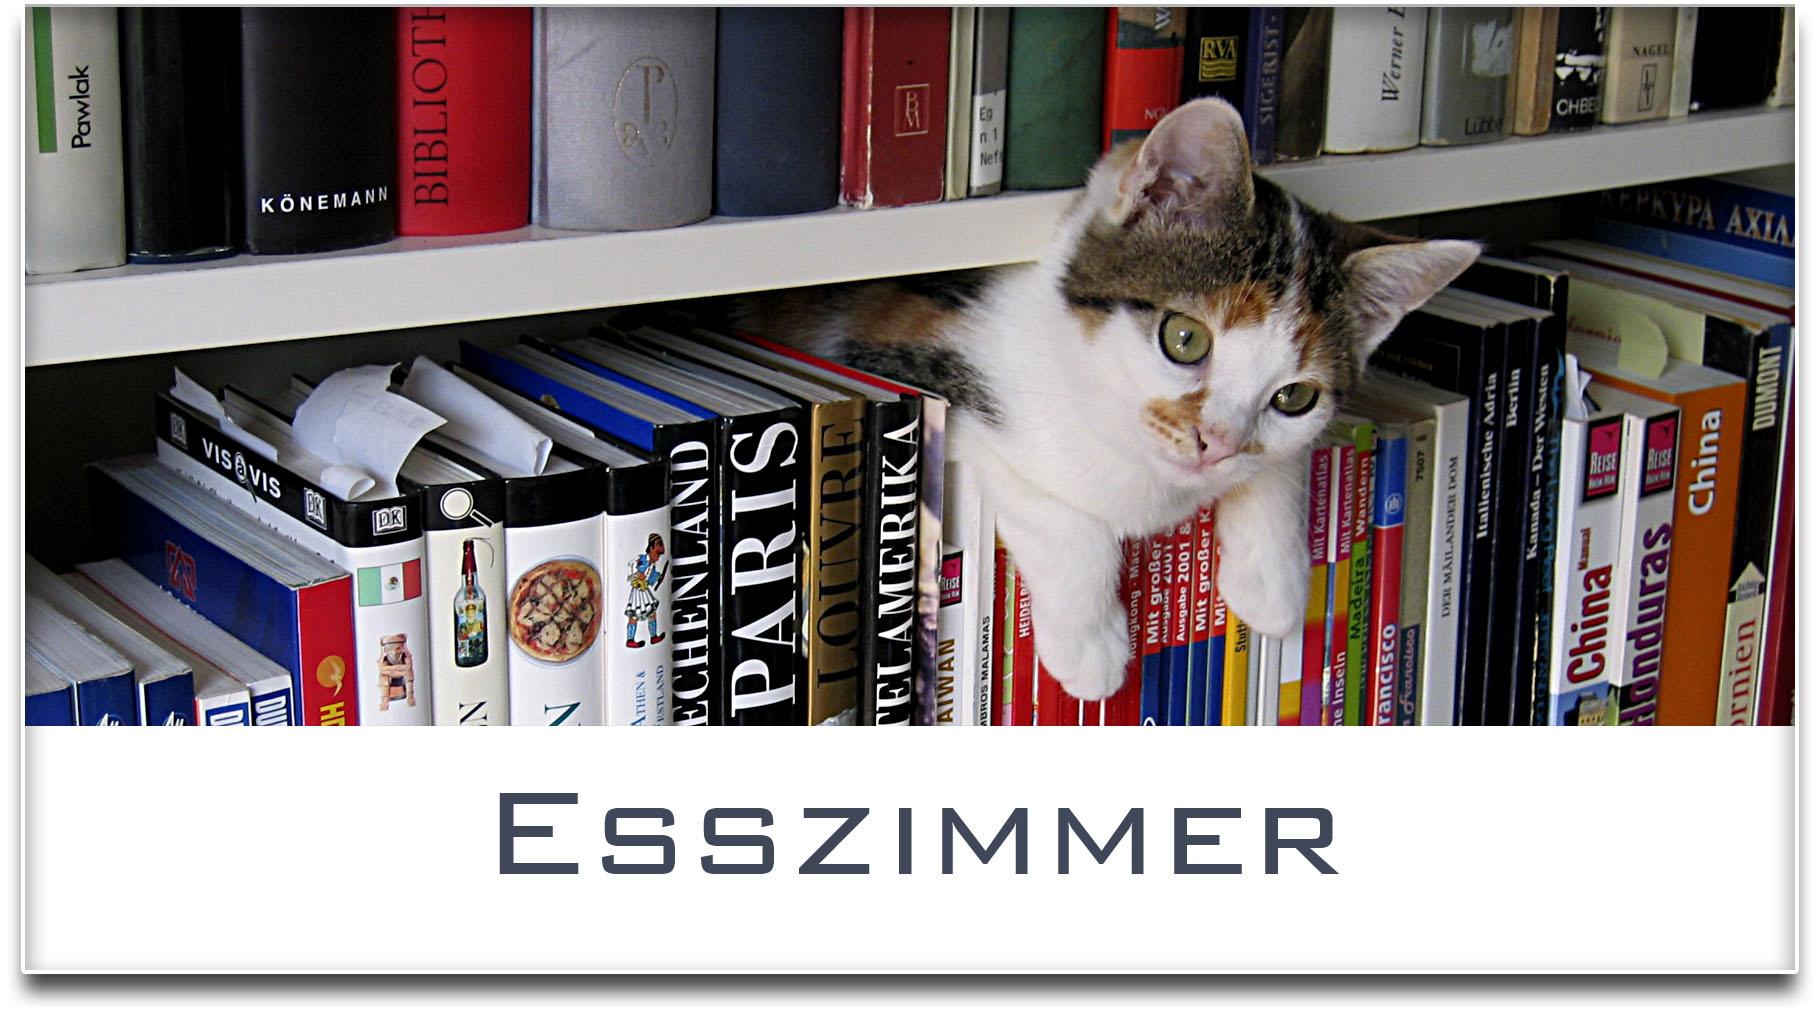 Türschild / Haustürschild / Katze / Bücherregal / Esszimmer / Selbstklebend